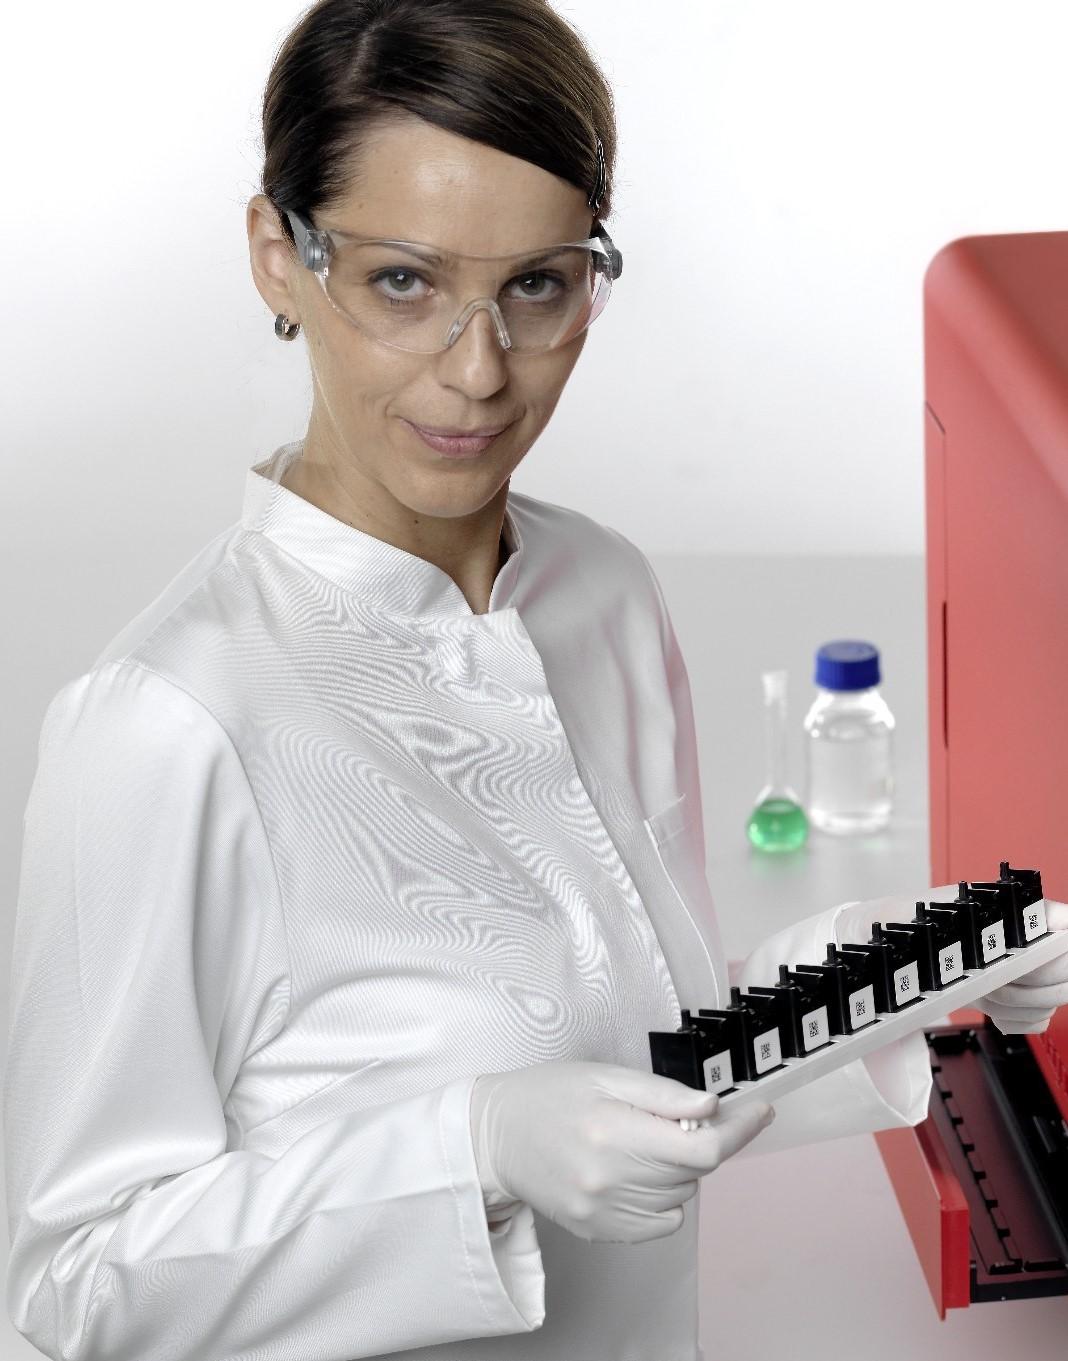 Respiratorisches Virenscreening und Mutationsanalyse effizient vereint